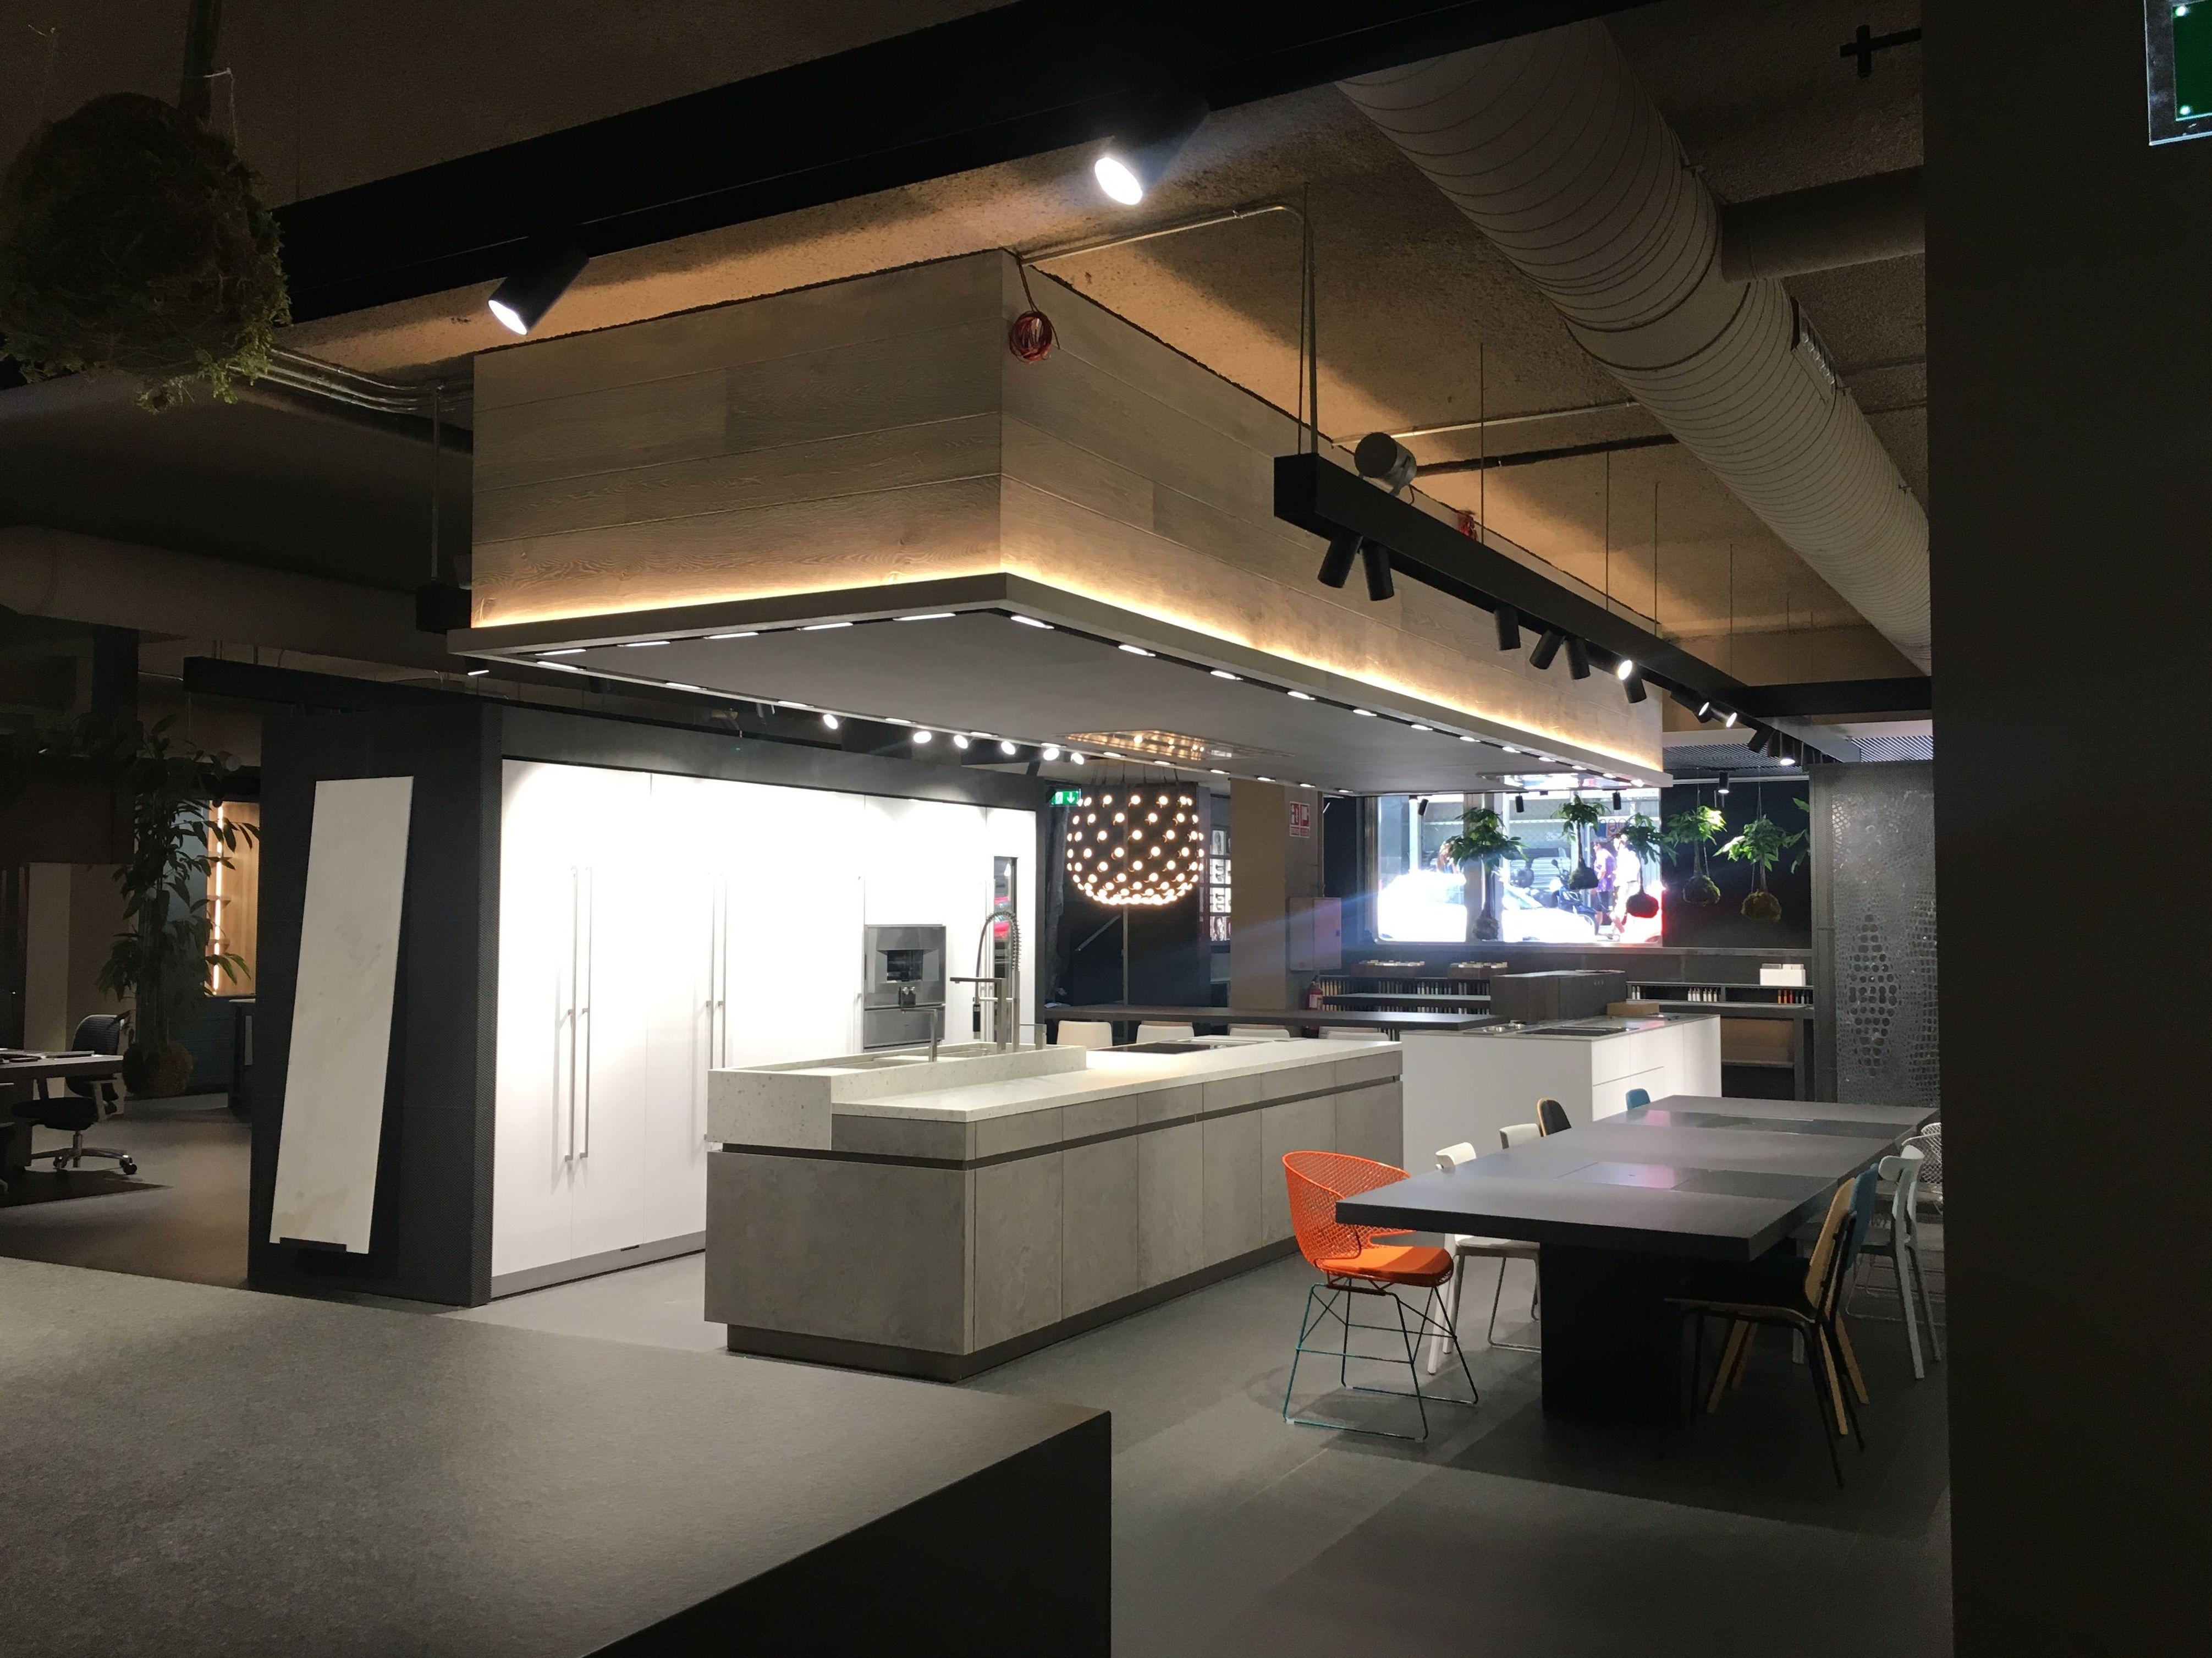 Foto 45 de Instalaciones de climatización, electricidad y eficiencia energética en Esplugues de Llobregat | Tecnotrol